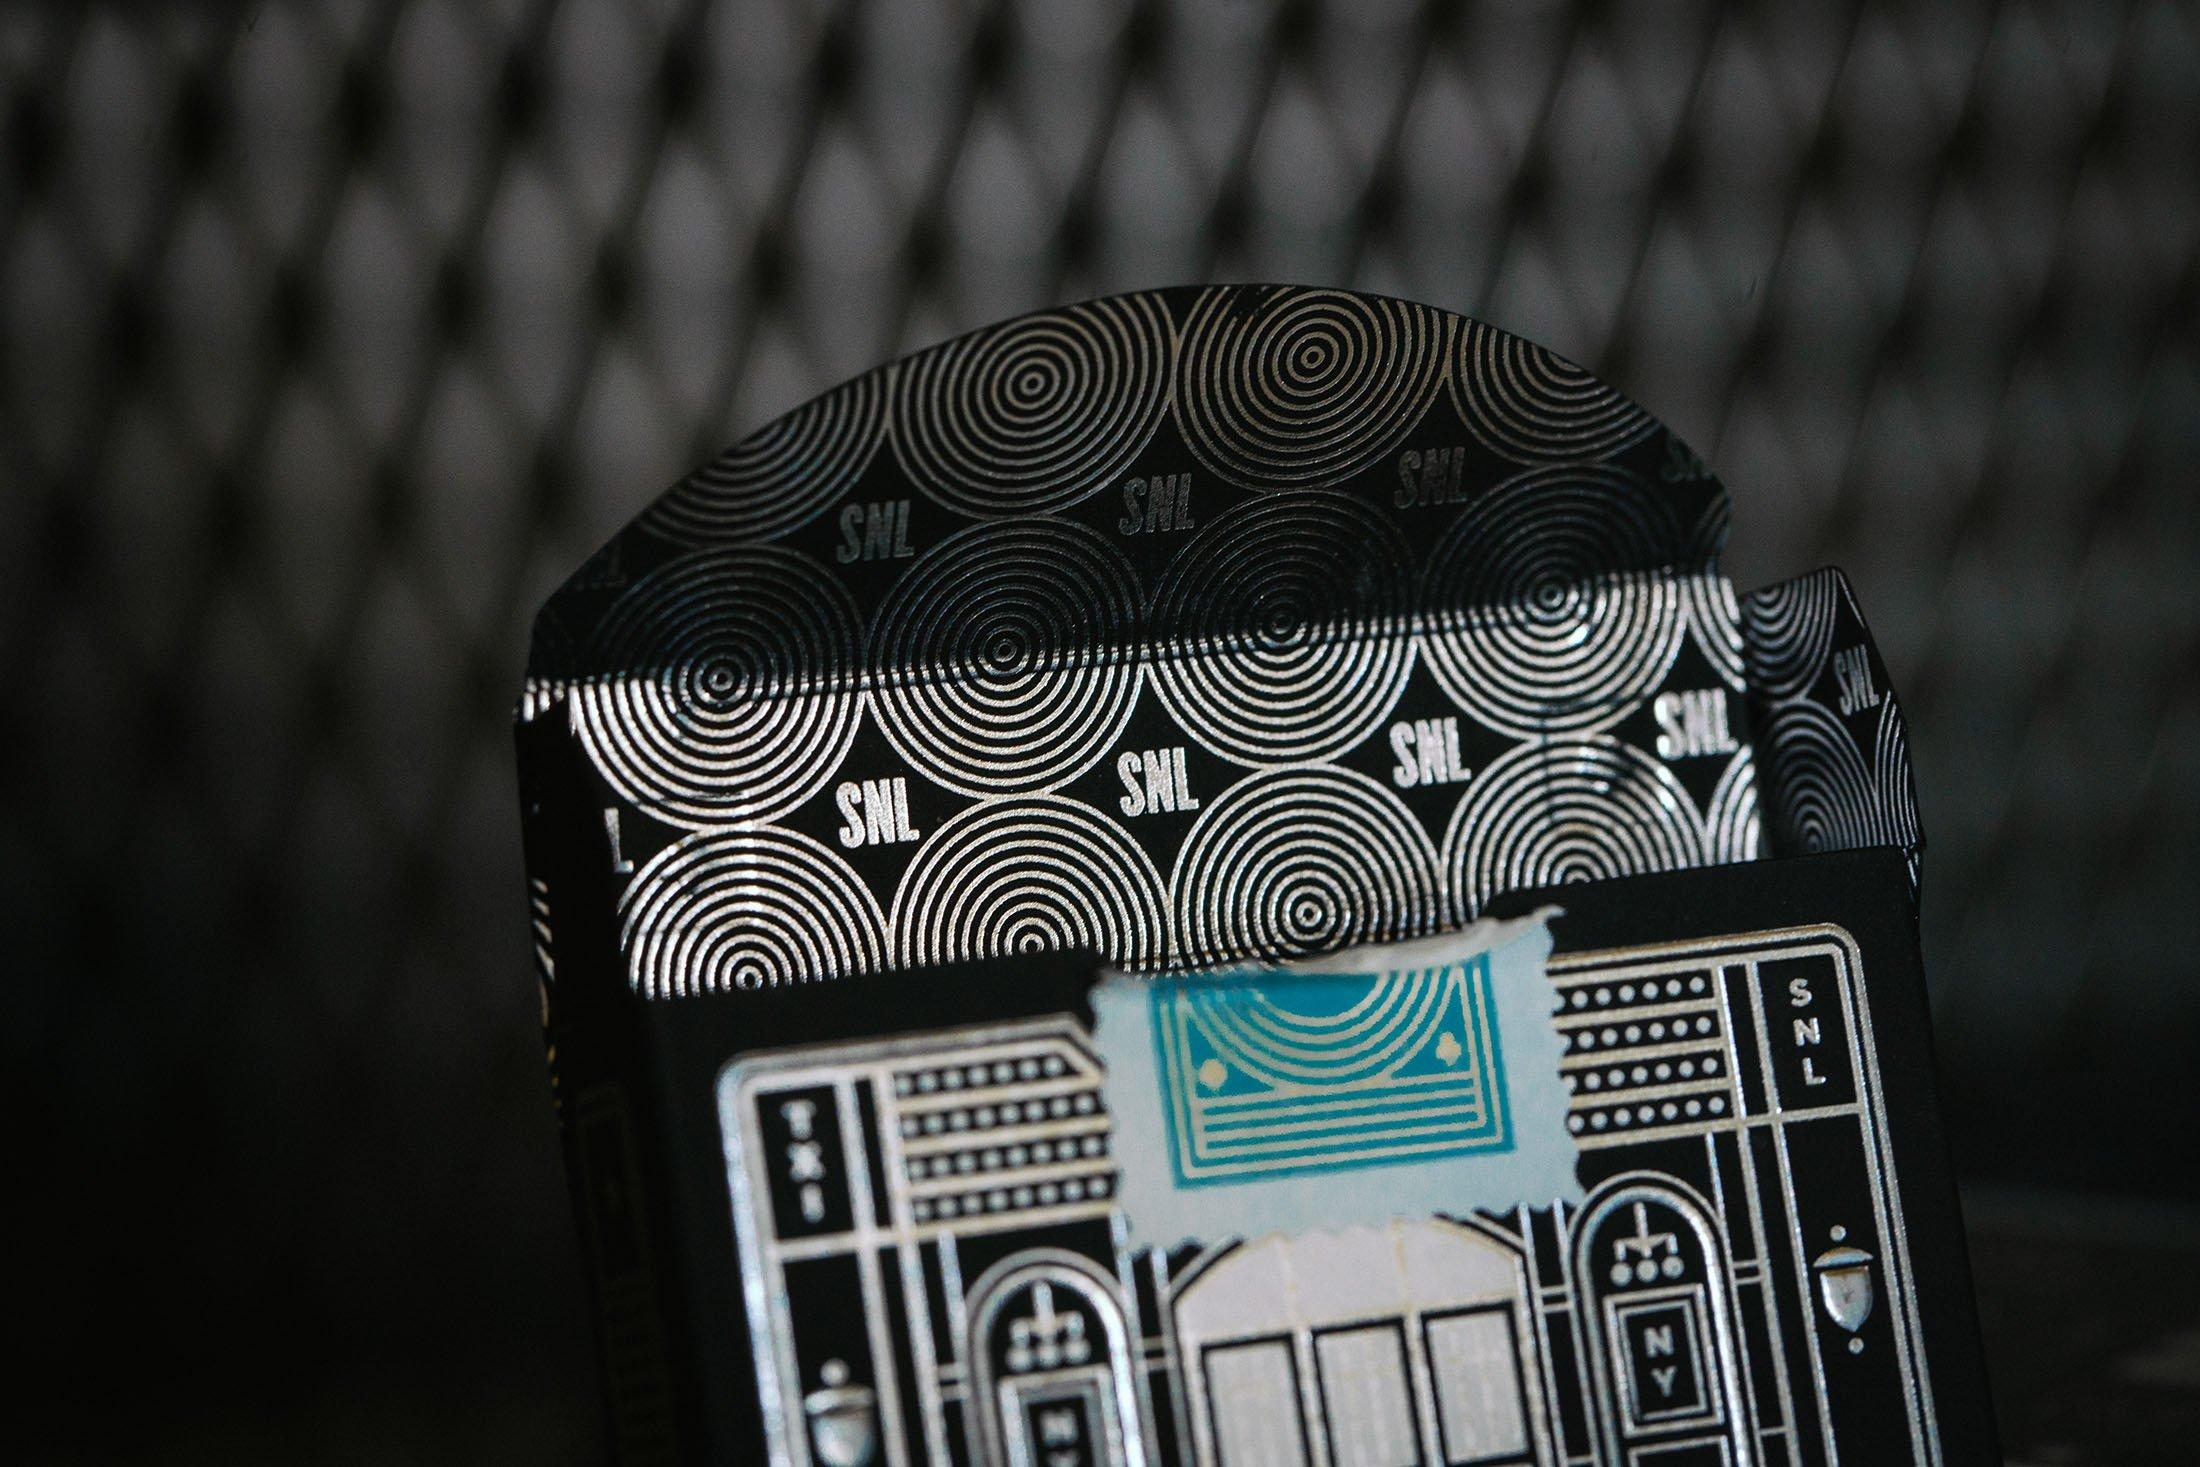 SNL - talia pokerowa od Theory11 - środek pudełka